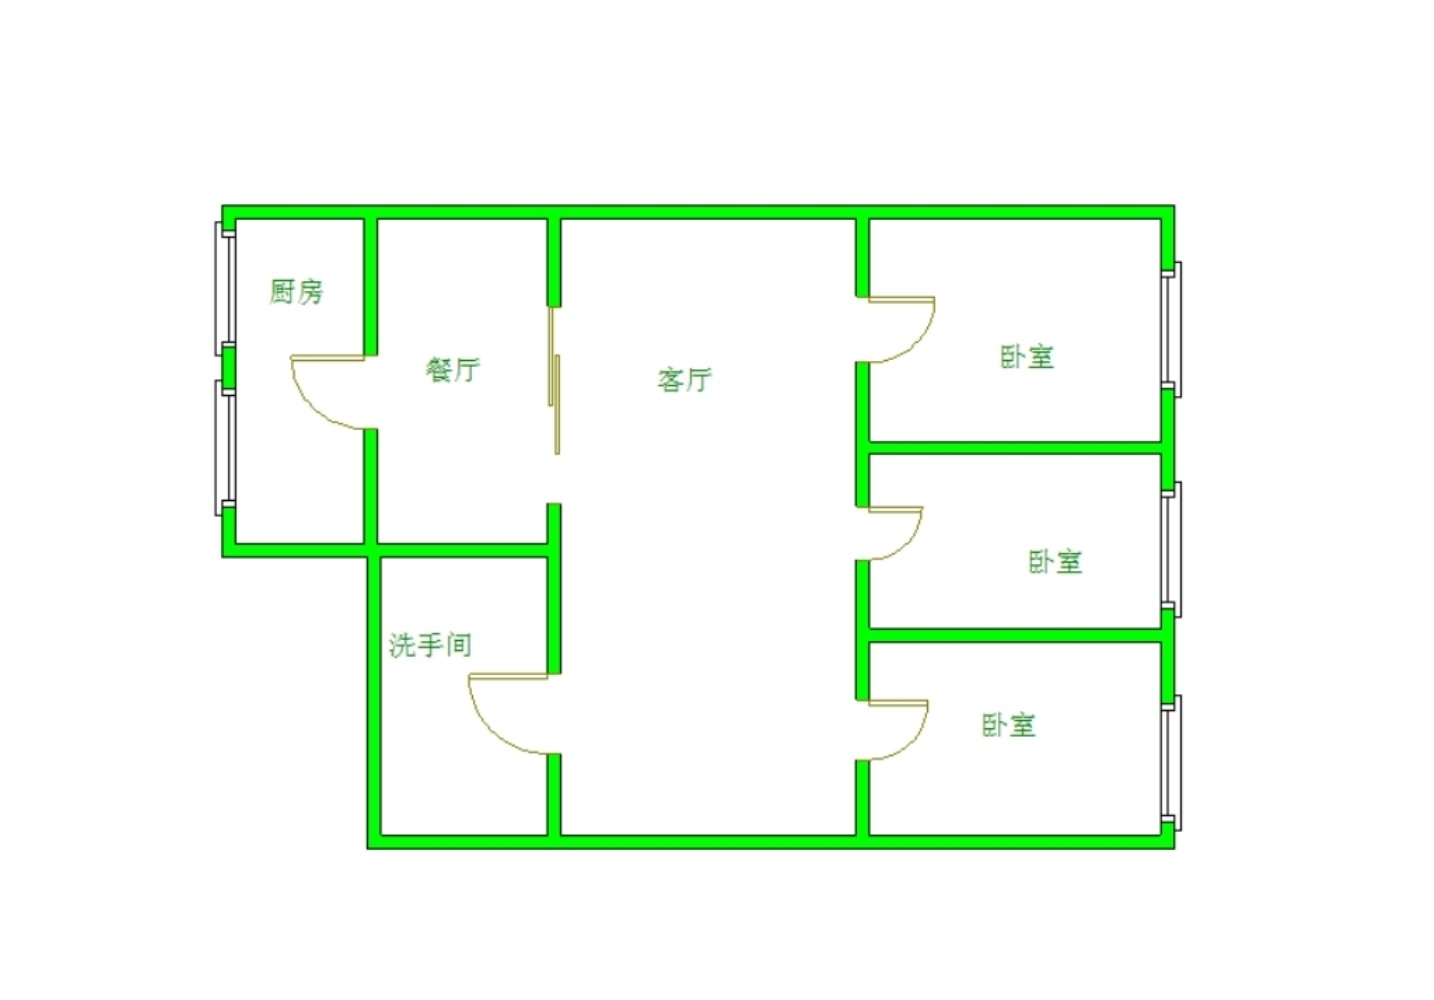 陶家夼小区屋内家电齐全,拎包入住,三室向阳,南北通透,配套齐全。价格可议